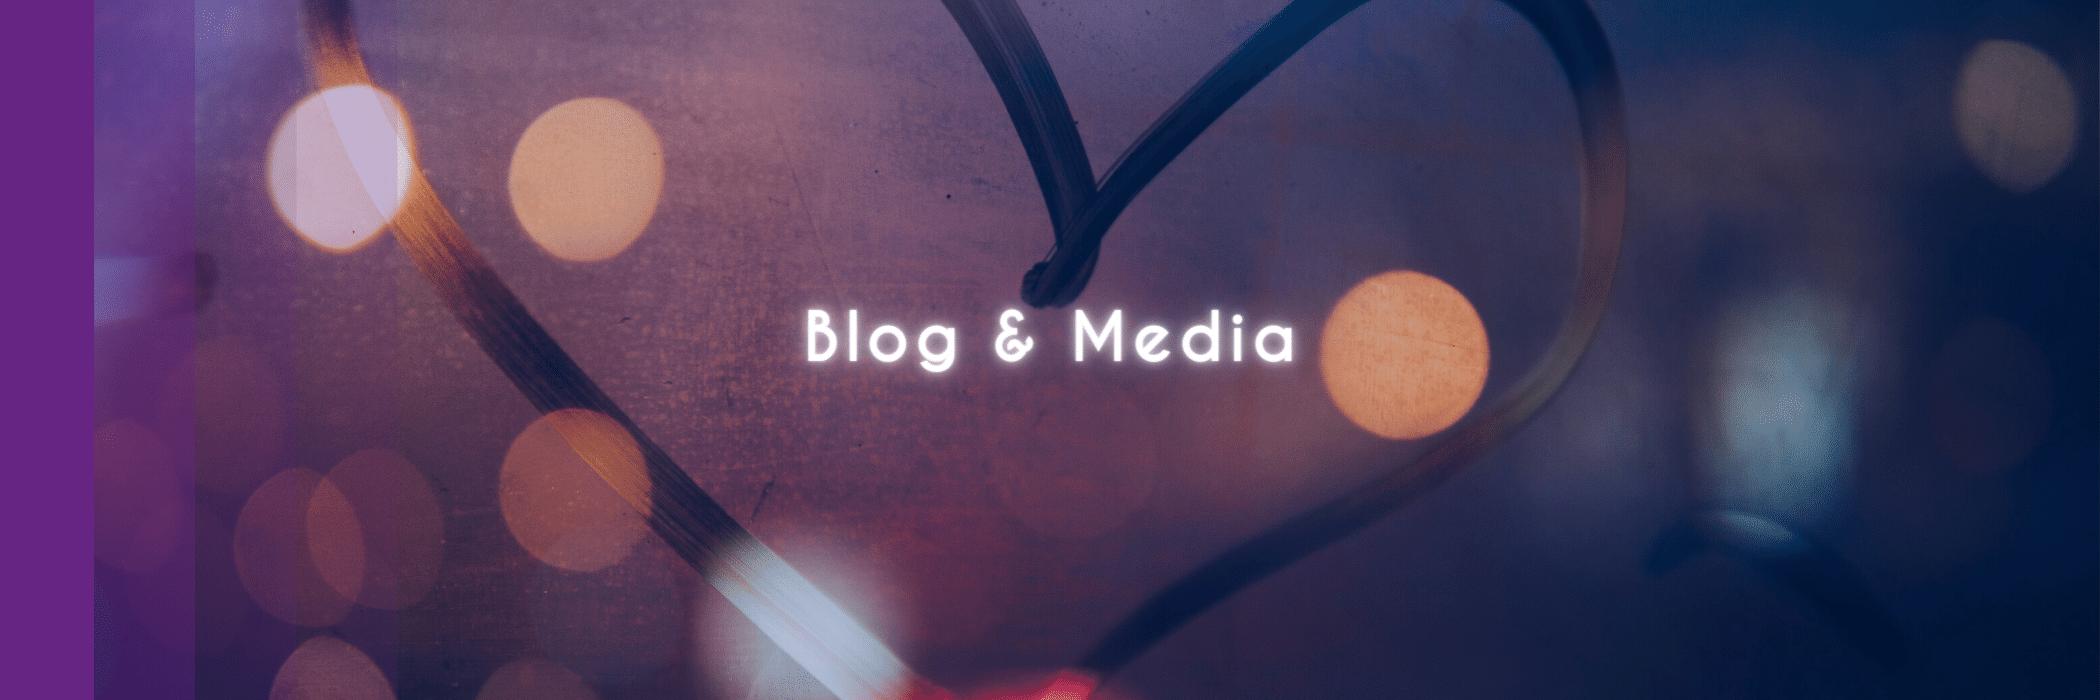 Blog & Media